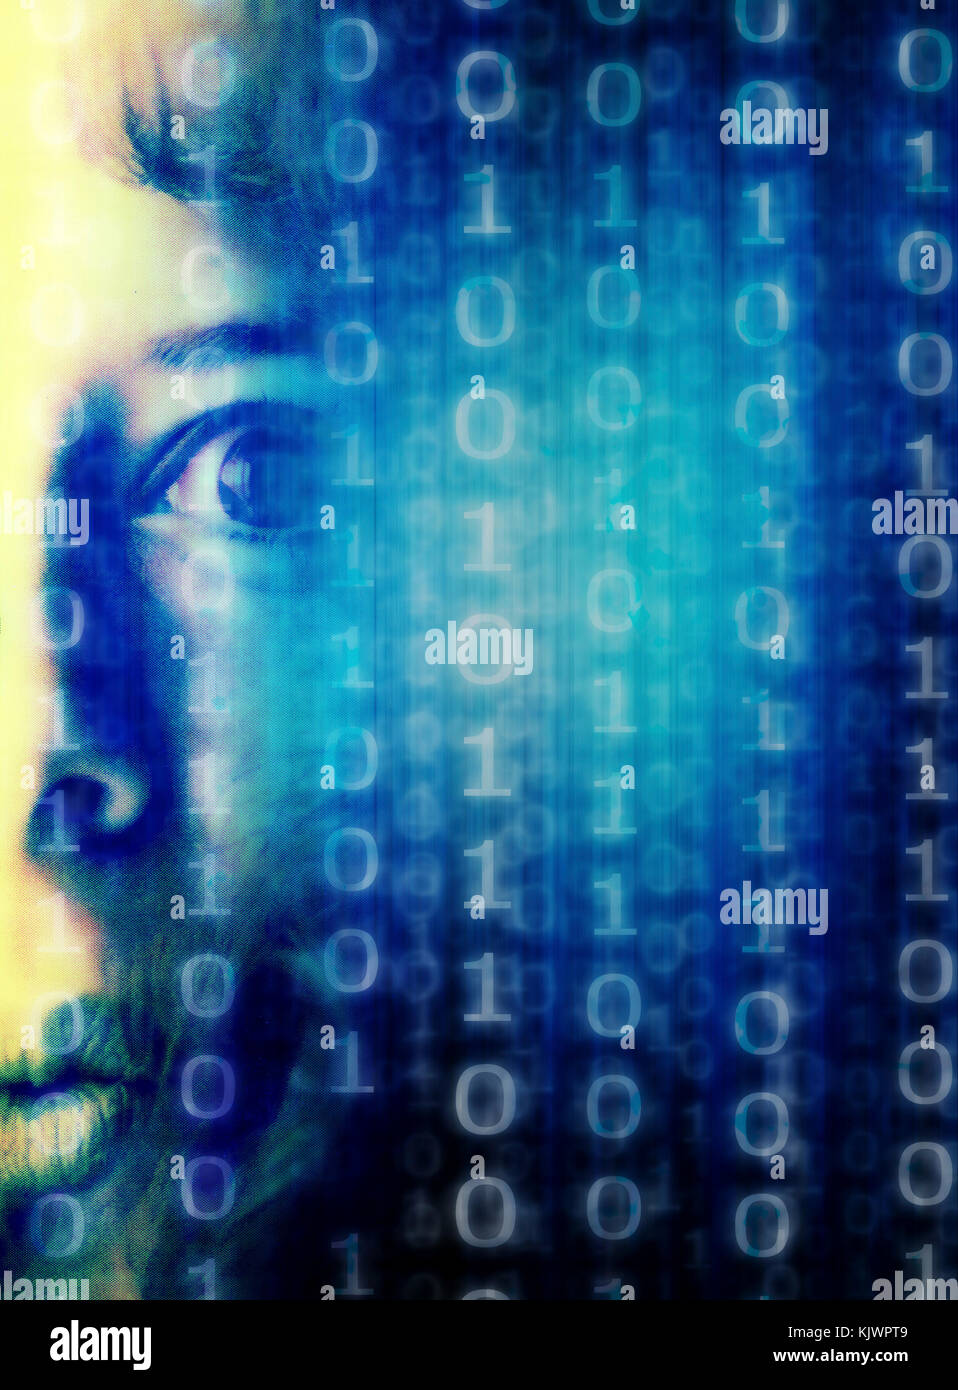 Femme et de chiffres binaires, effet pixélisé Photo Stock